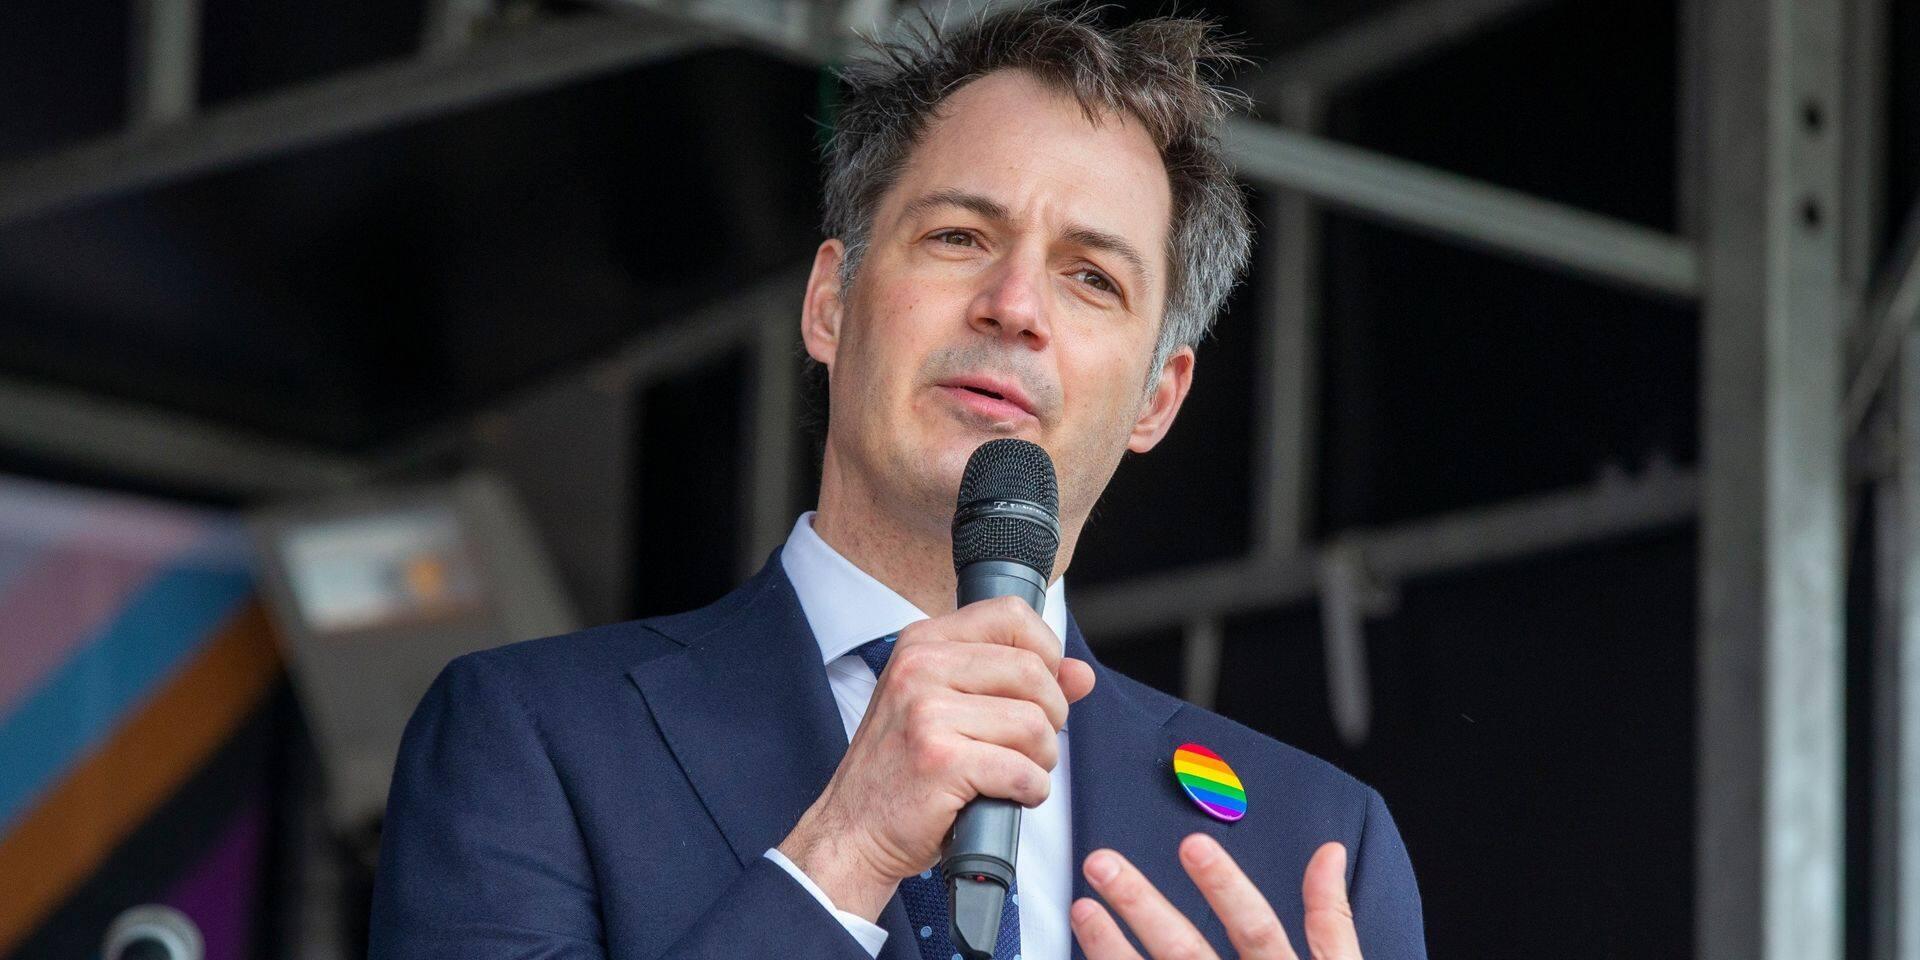 """""""Chacun dans notre pays est unique et peut aimer qui il veut """" : Alexander De Croo appelle à combattre l'intolérance depuis Beveren"""